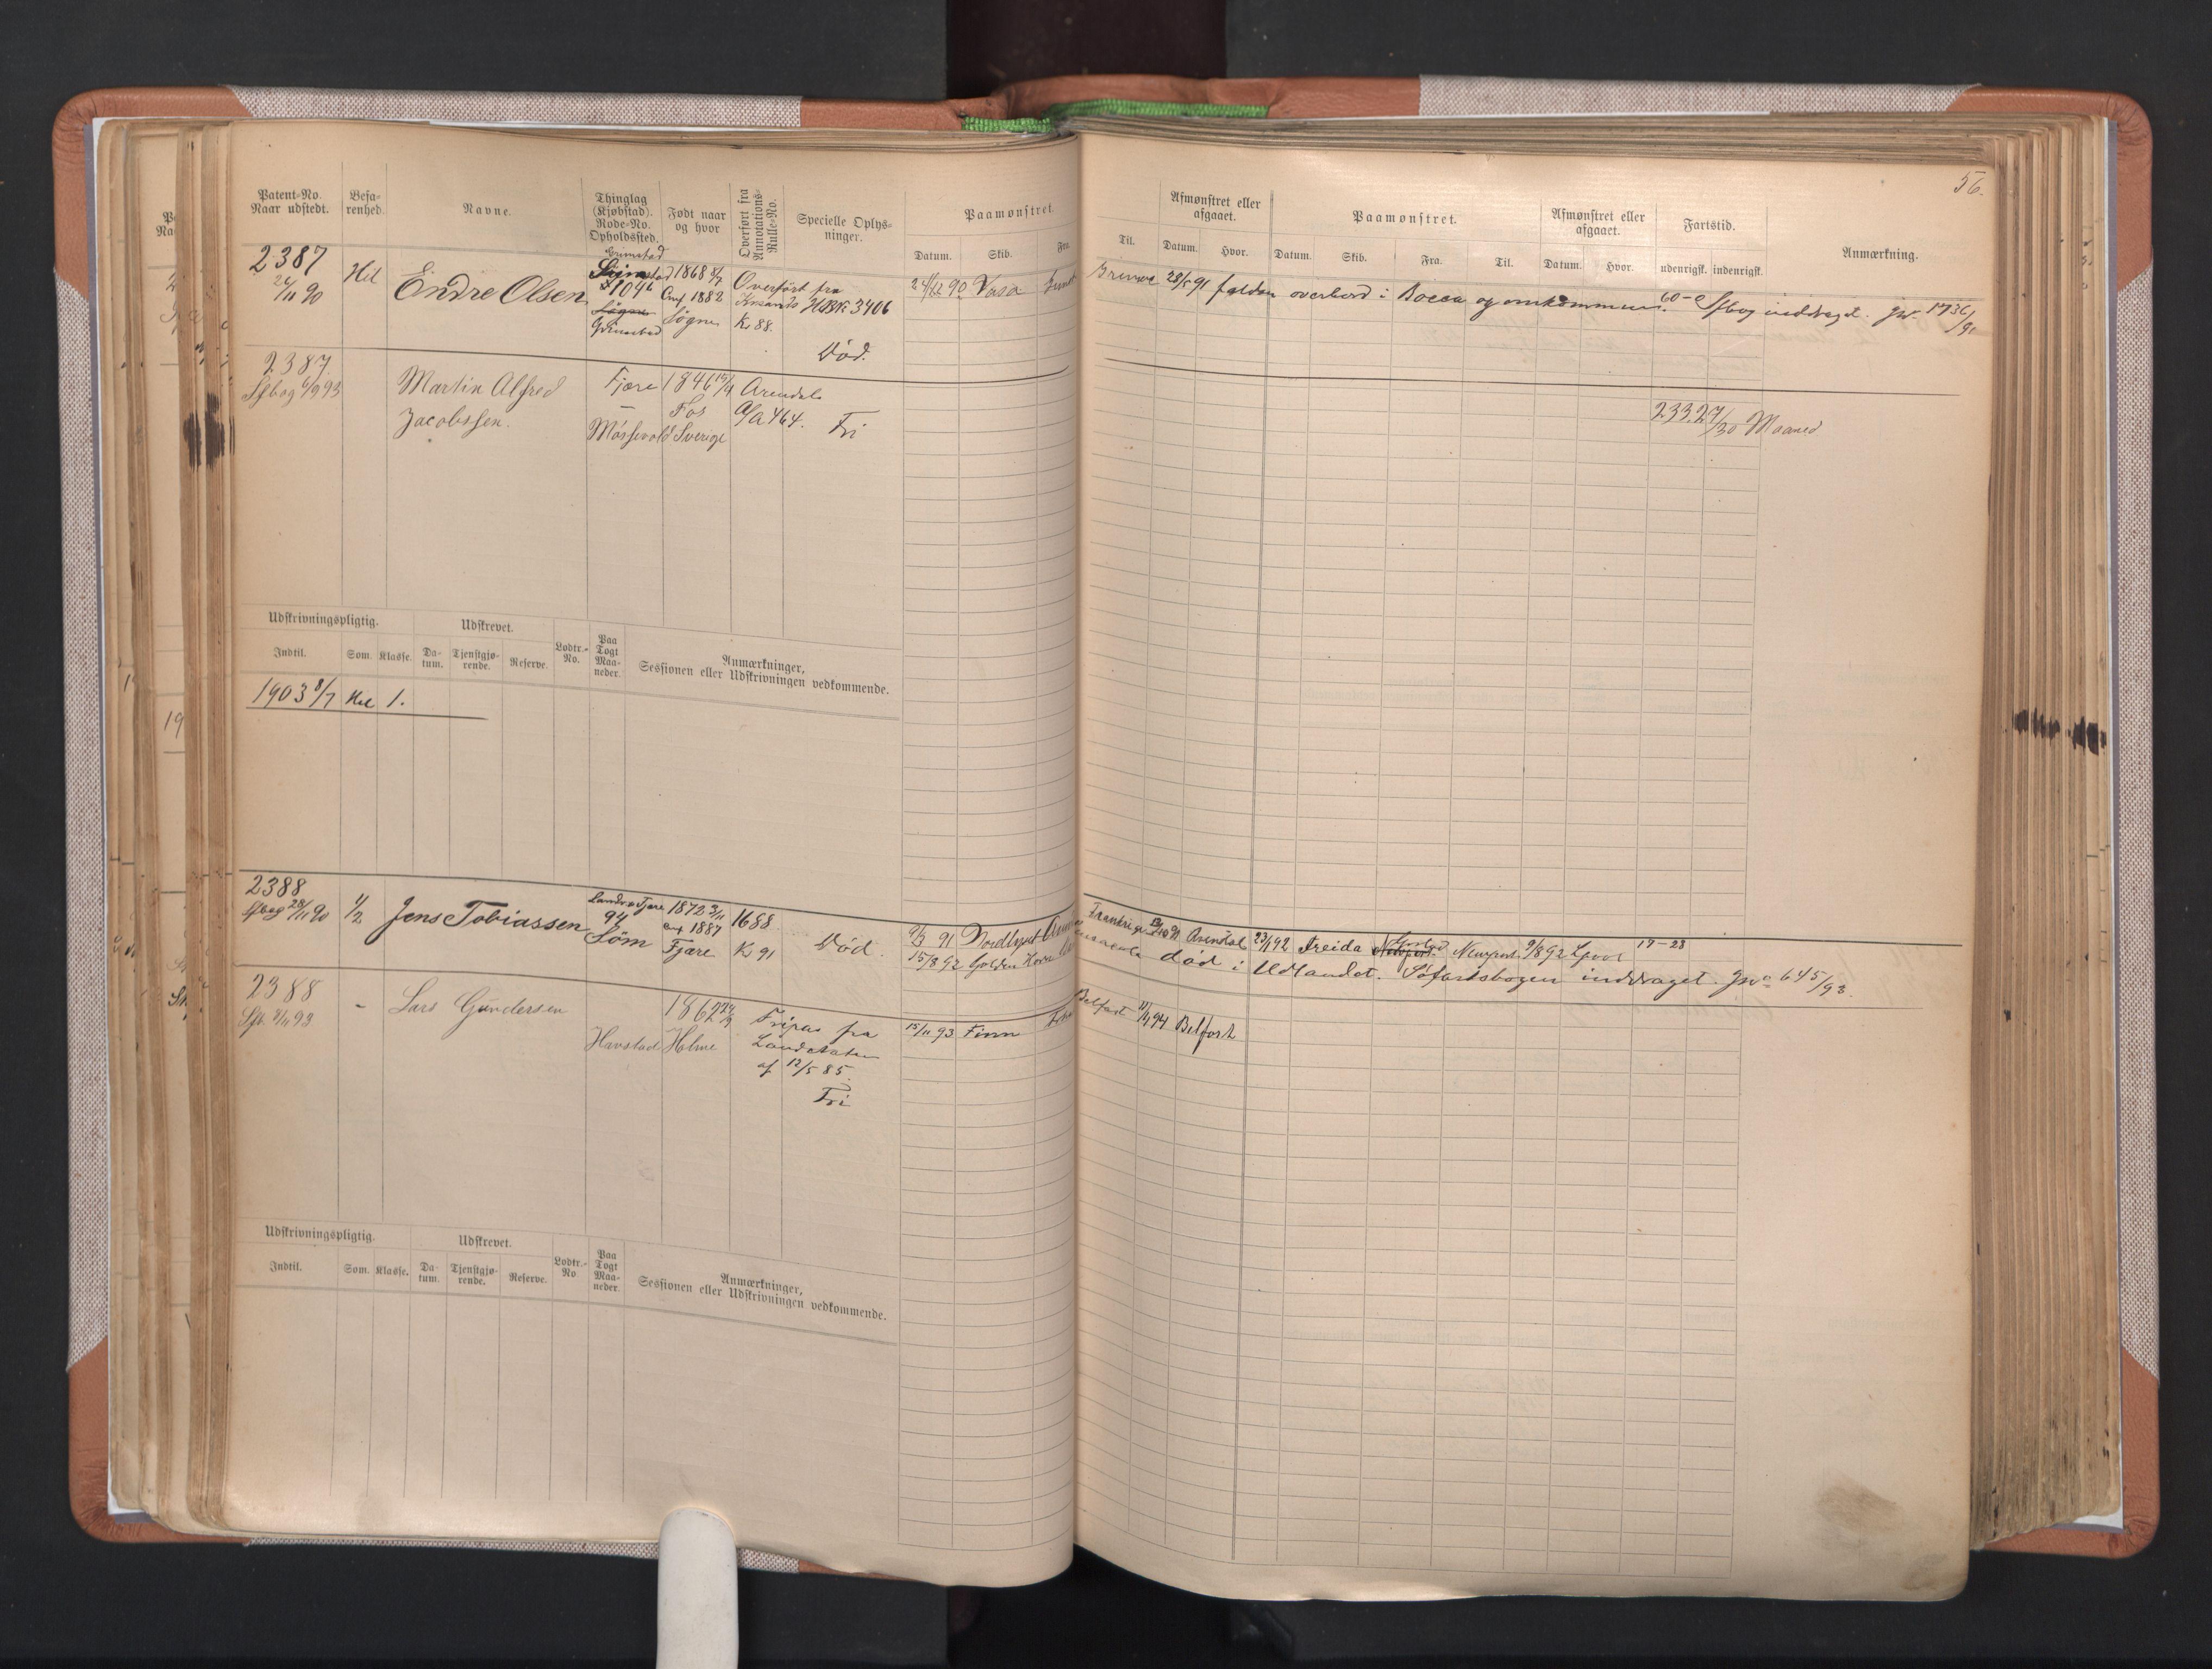 SAK, Grimstad mønstringskrets, F/Fb/L0004: Hovedrulle A nr 2277-3042, F-7, 1889-1940, s. 61